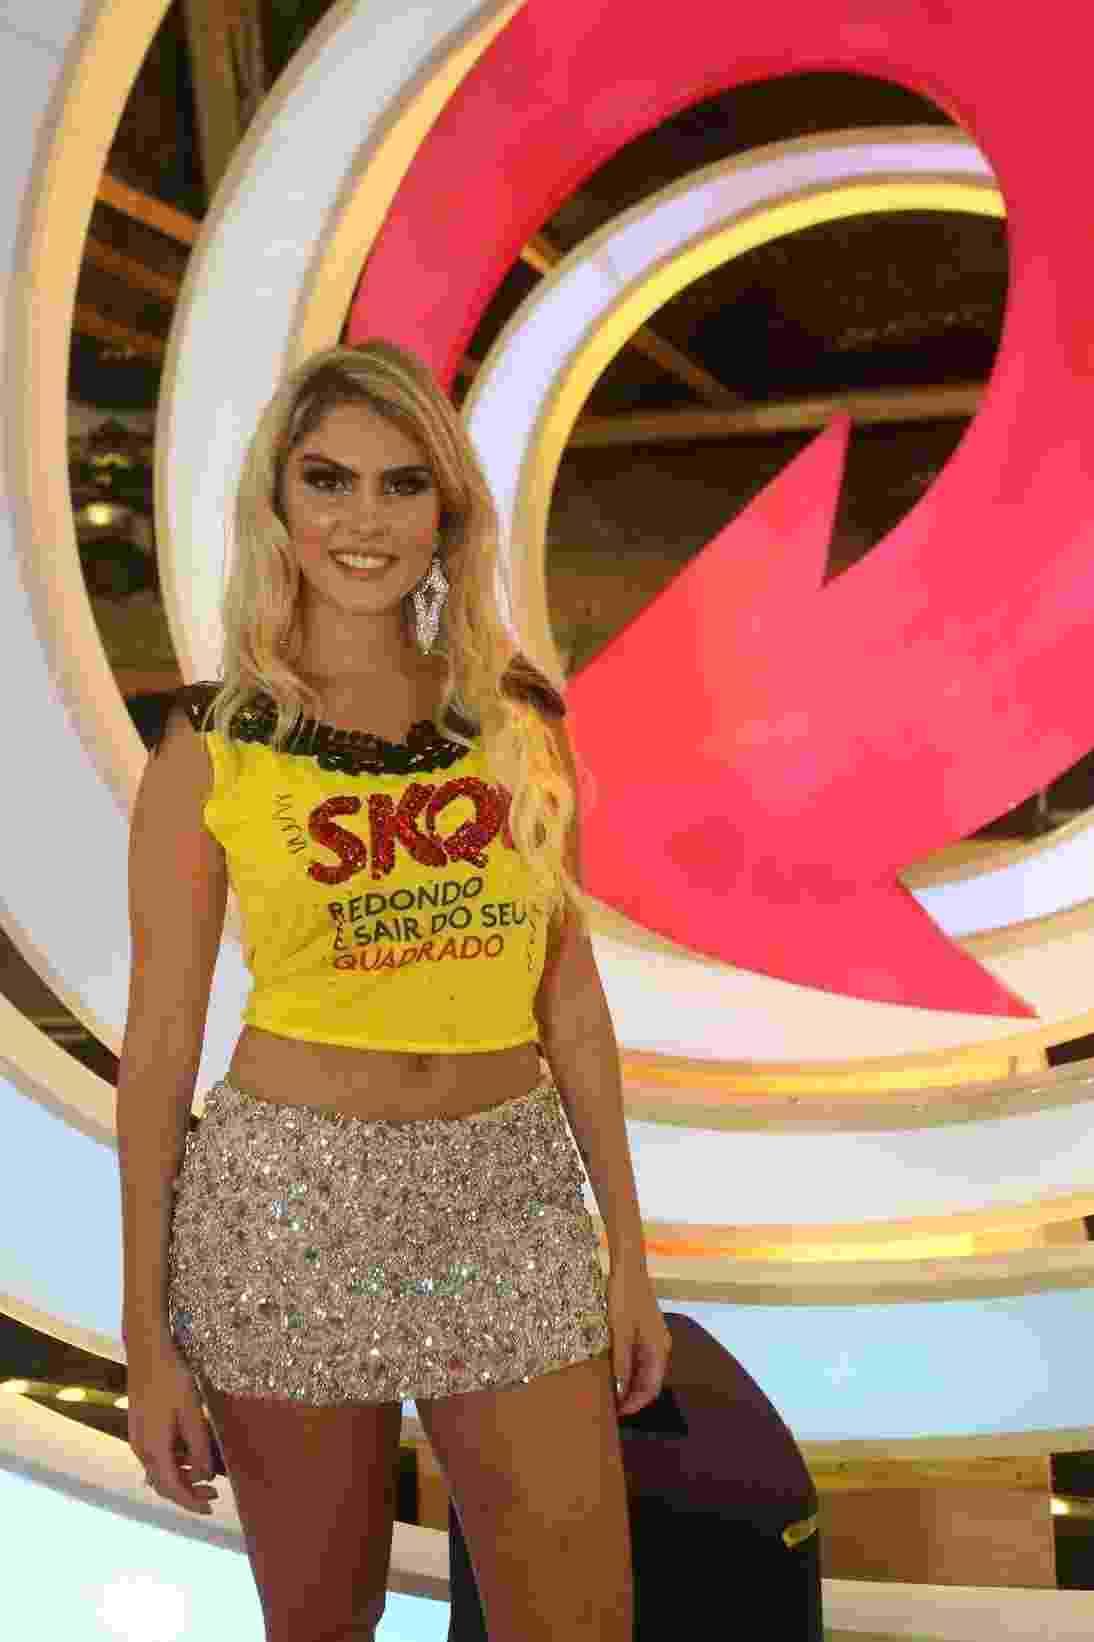 Bárbara Evans aproveita o Carnaval no palco Skol em Salvador - Alana Andrade/Divulgação